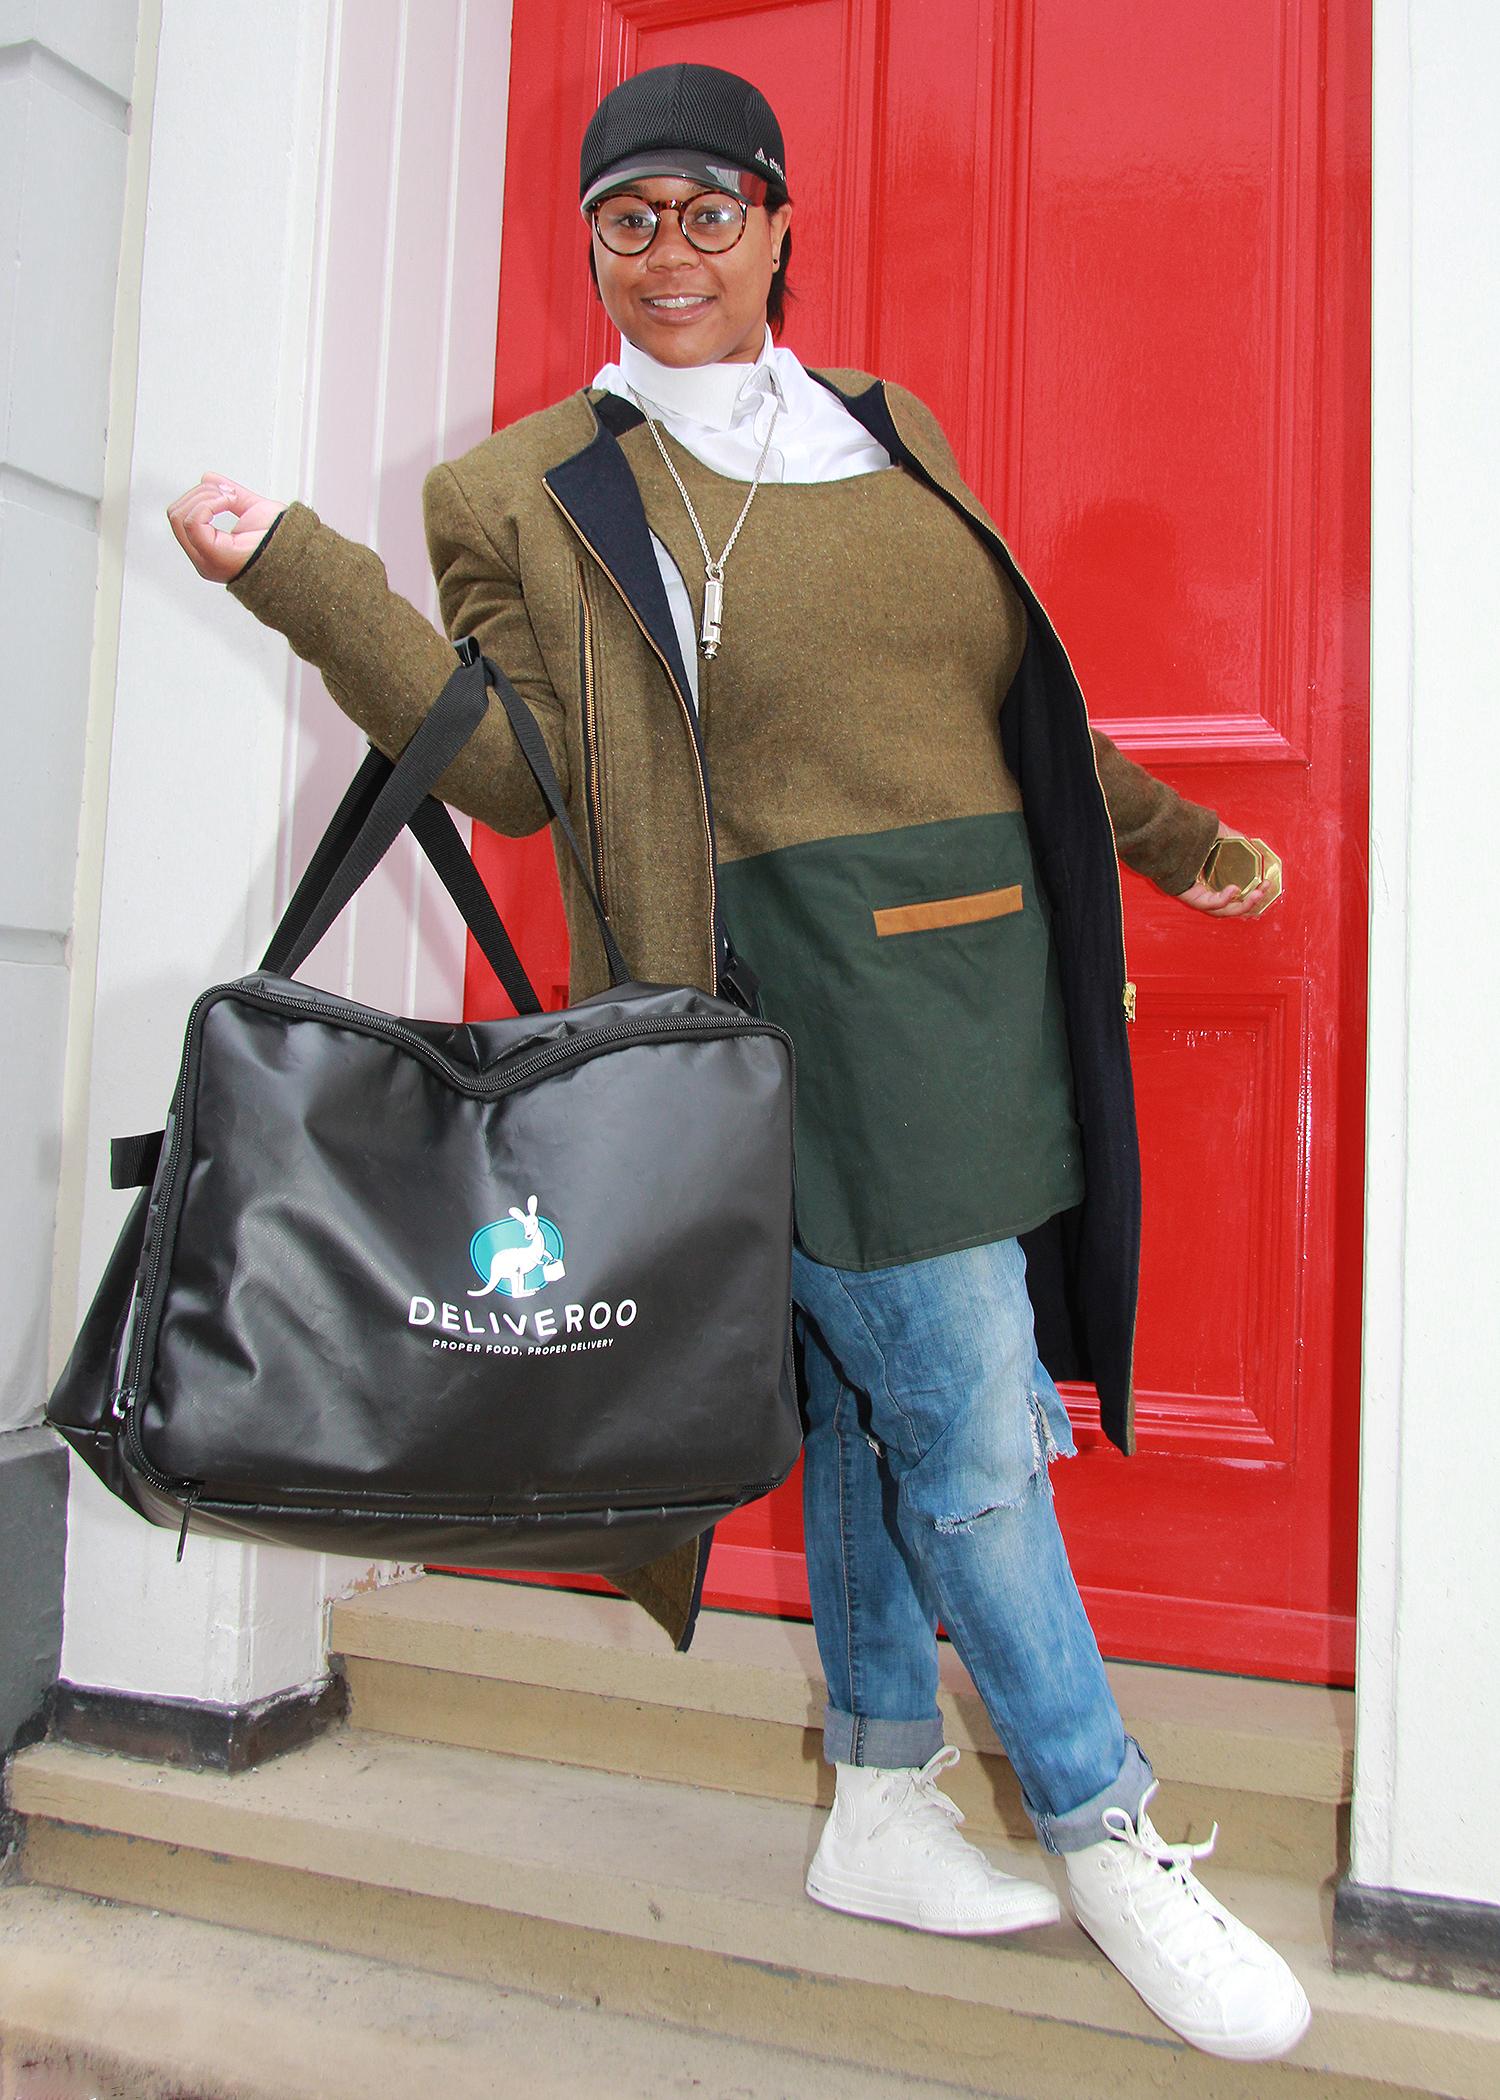 Deliveroo Nyheke Lambert pic 4.jpg